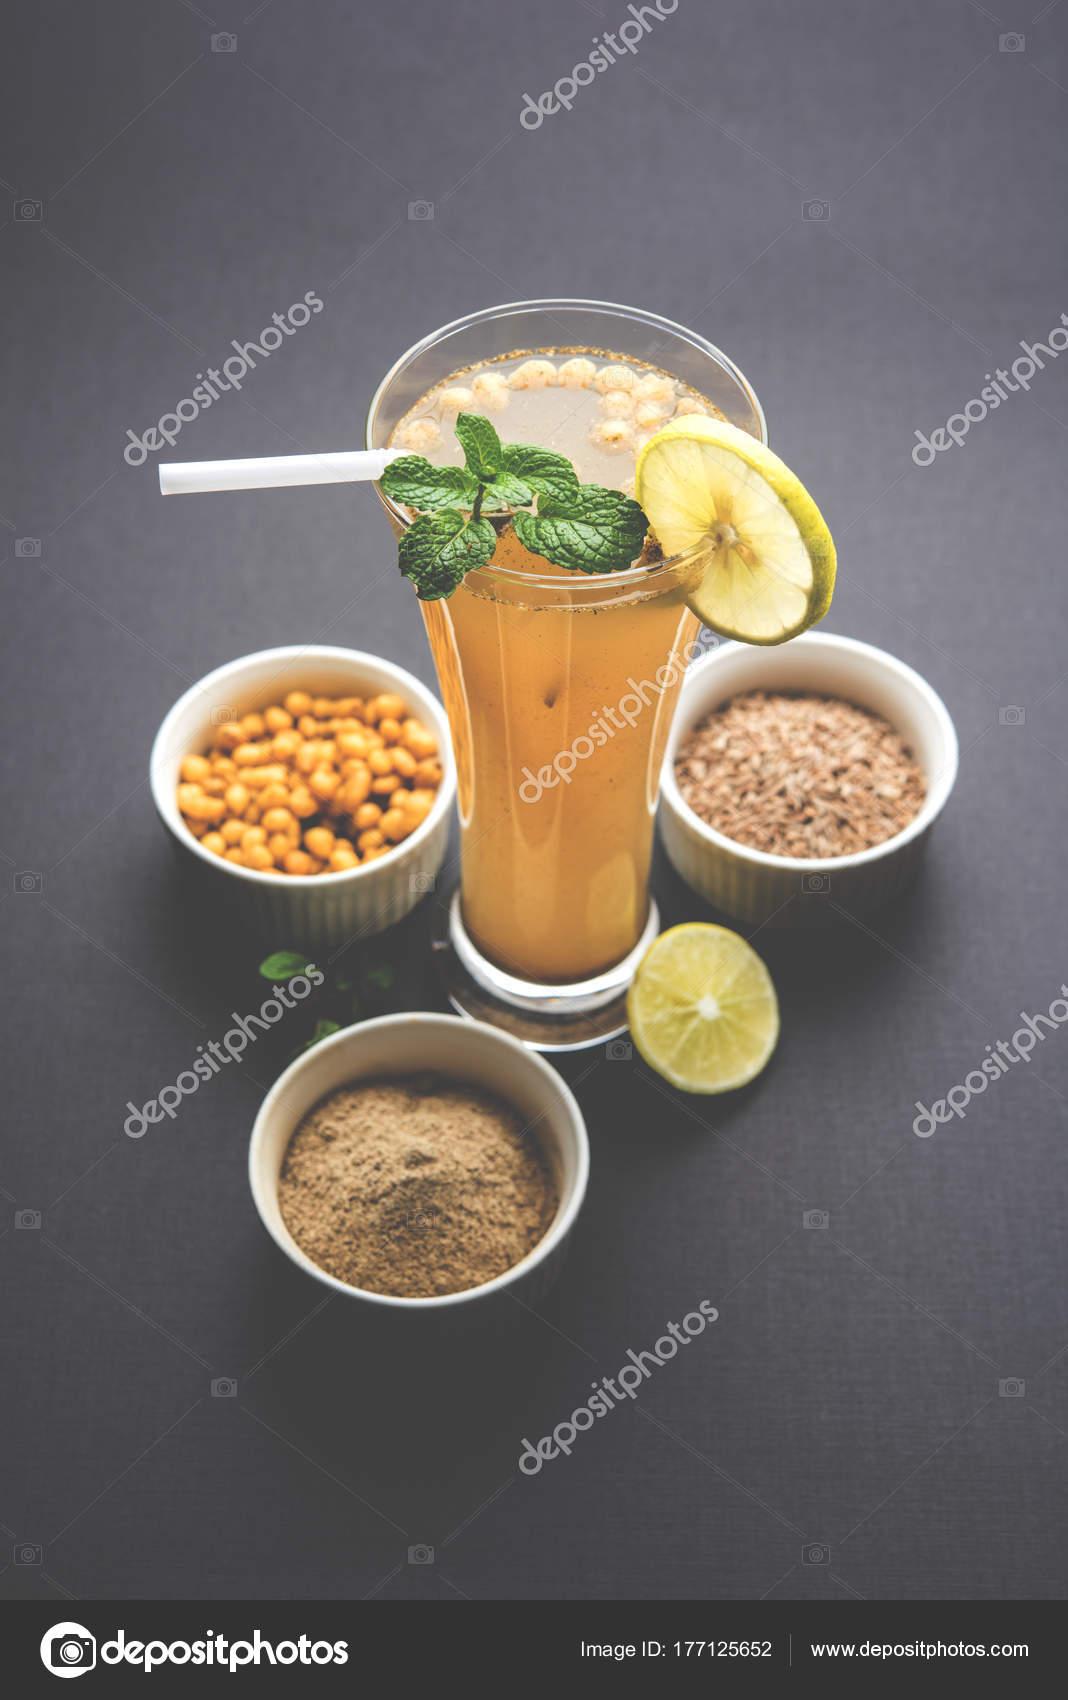 Idli sambar sambar recipe for idli-dosa hotel style idli sambar recipe